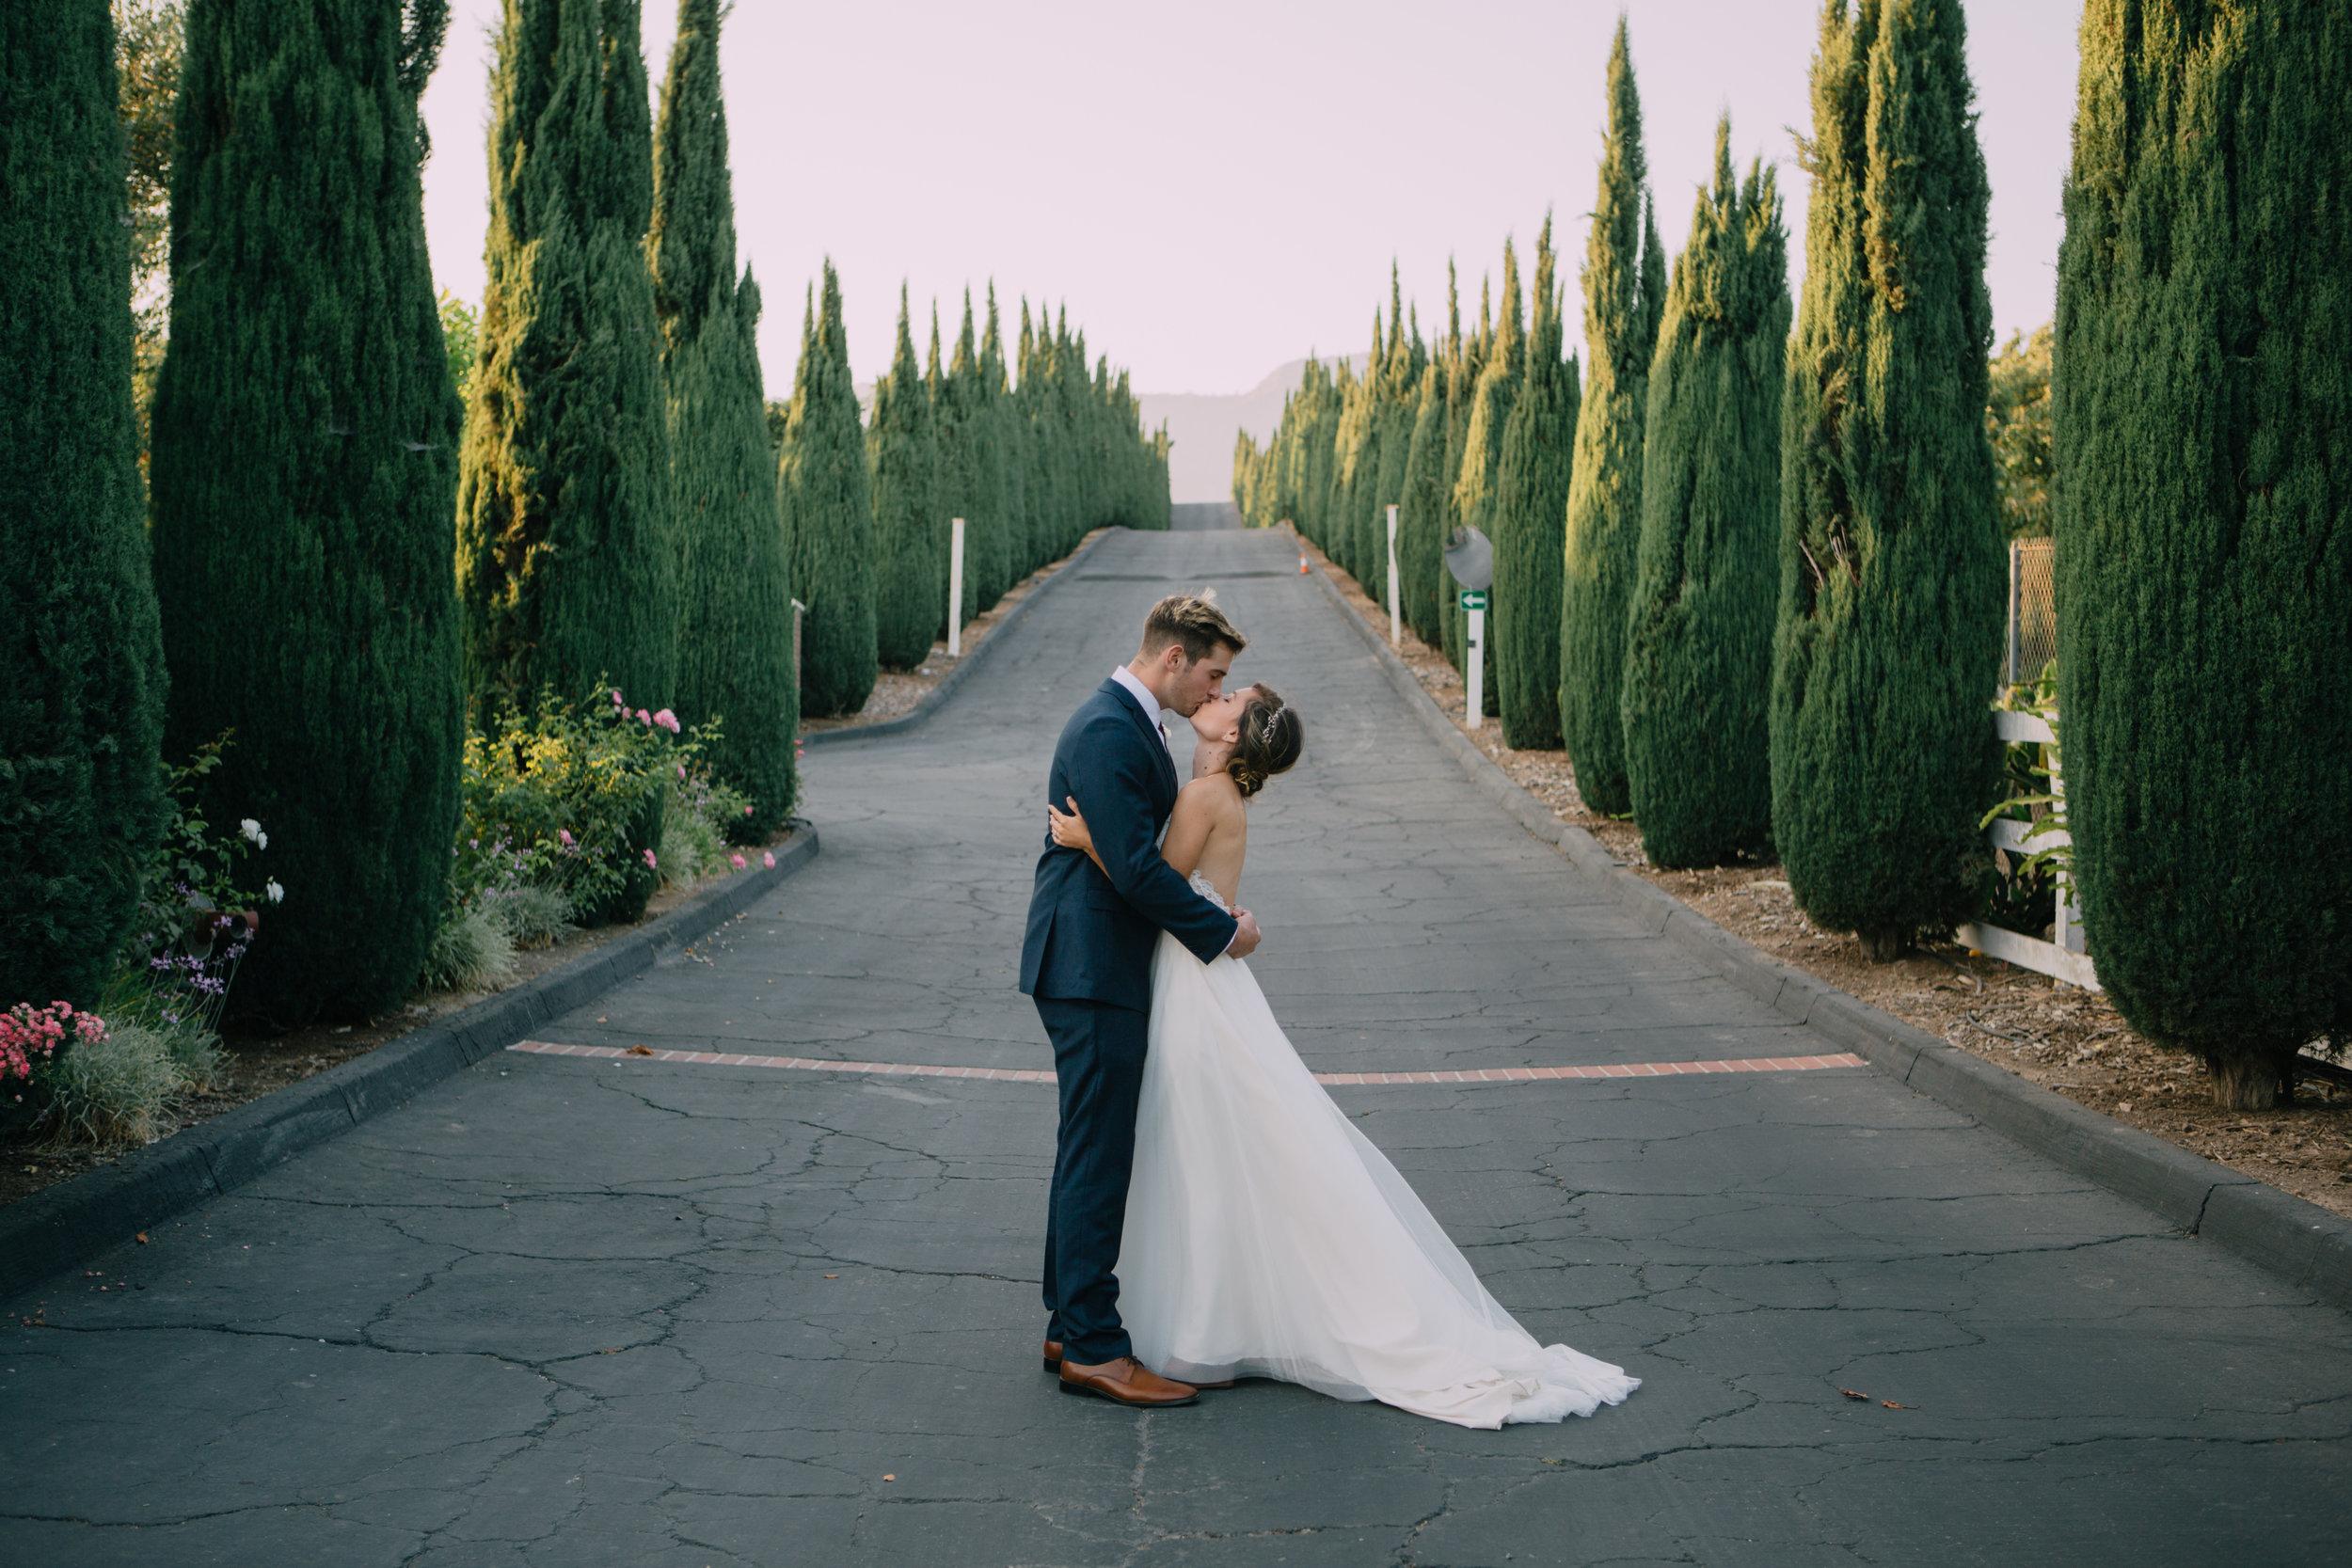 bride and groom-5764.jpg